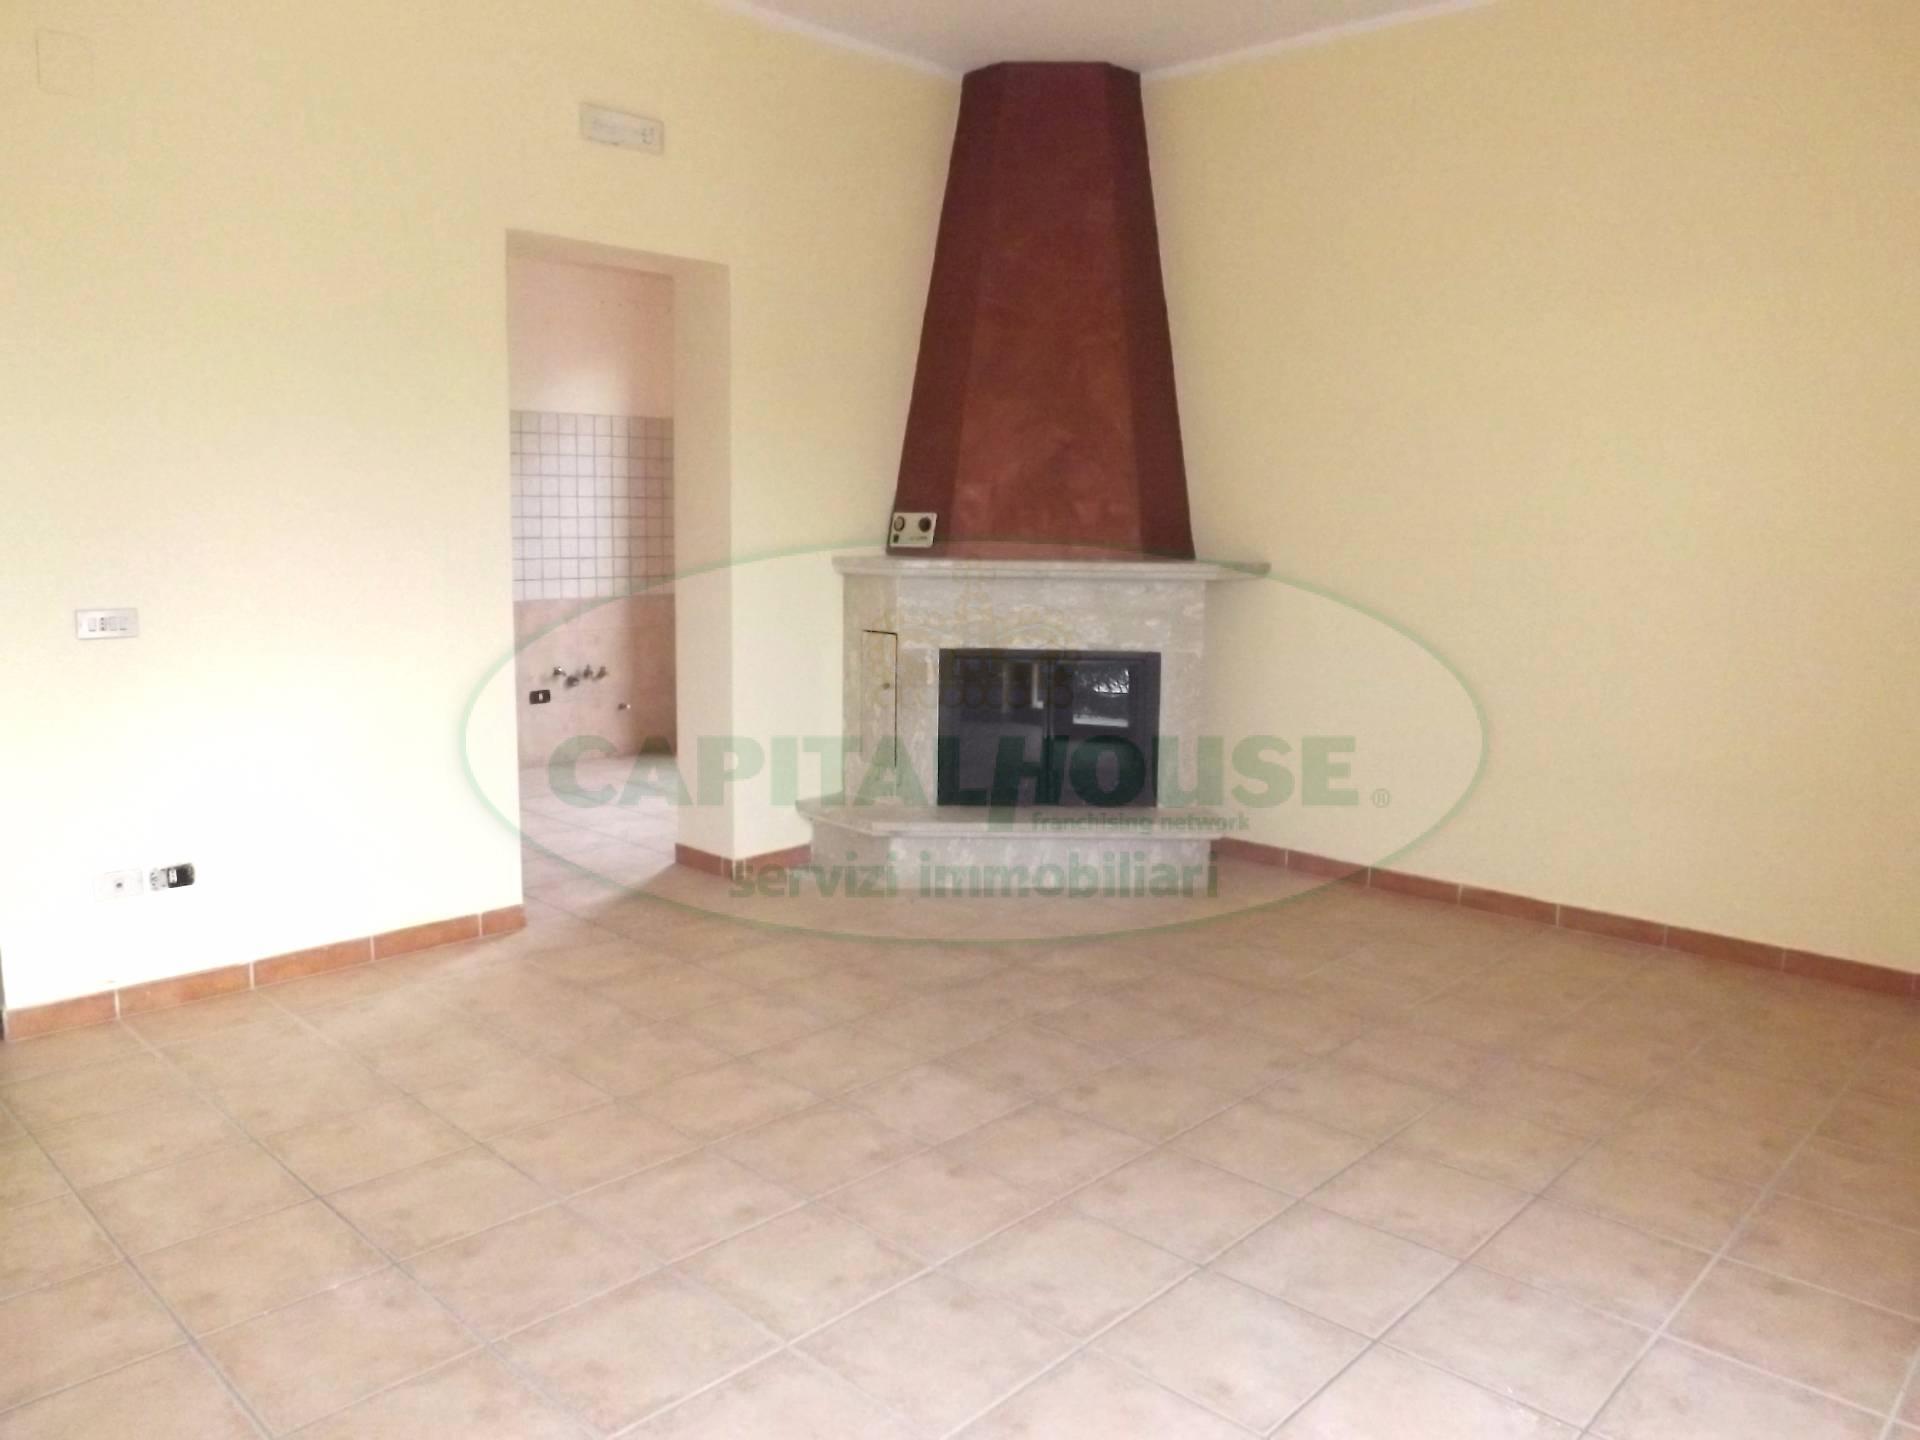 Appartamento in affitto a Cesinali, 3 locali, prezzo € 250 | Cambio Casa.it